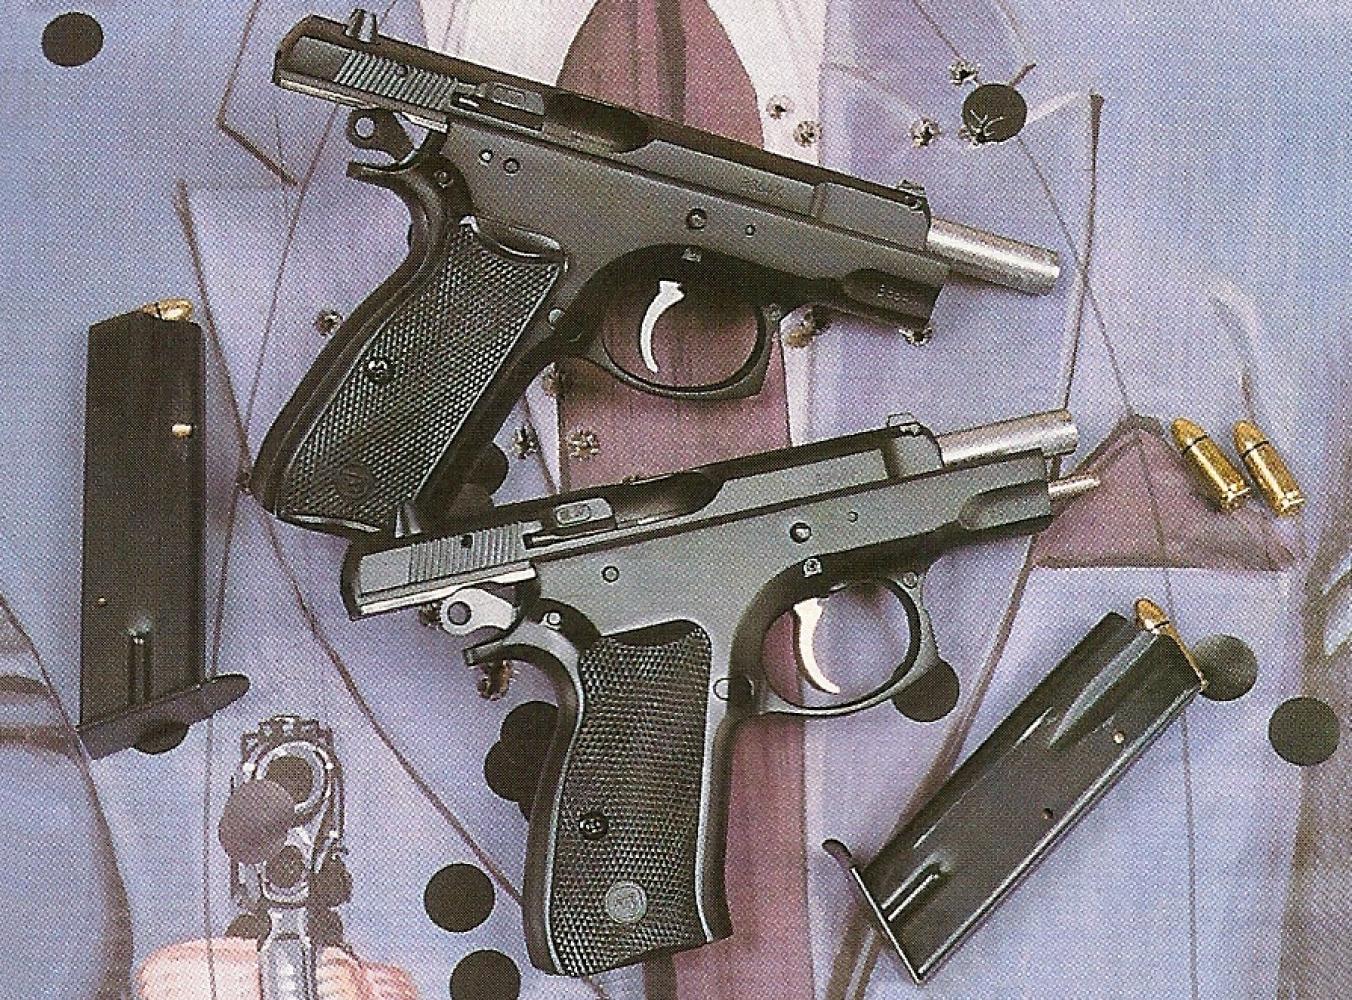 CZ-75 Compact Vs CZ-75 BD côté droit_petite